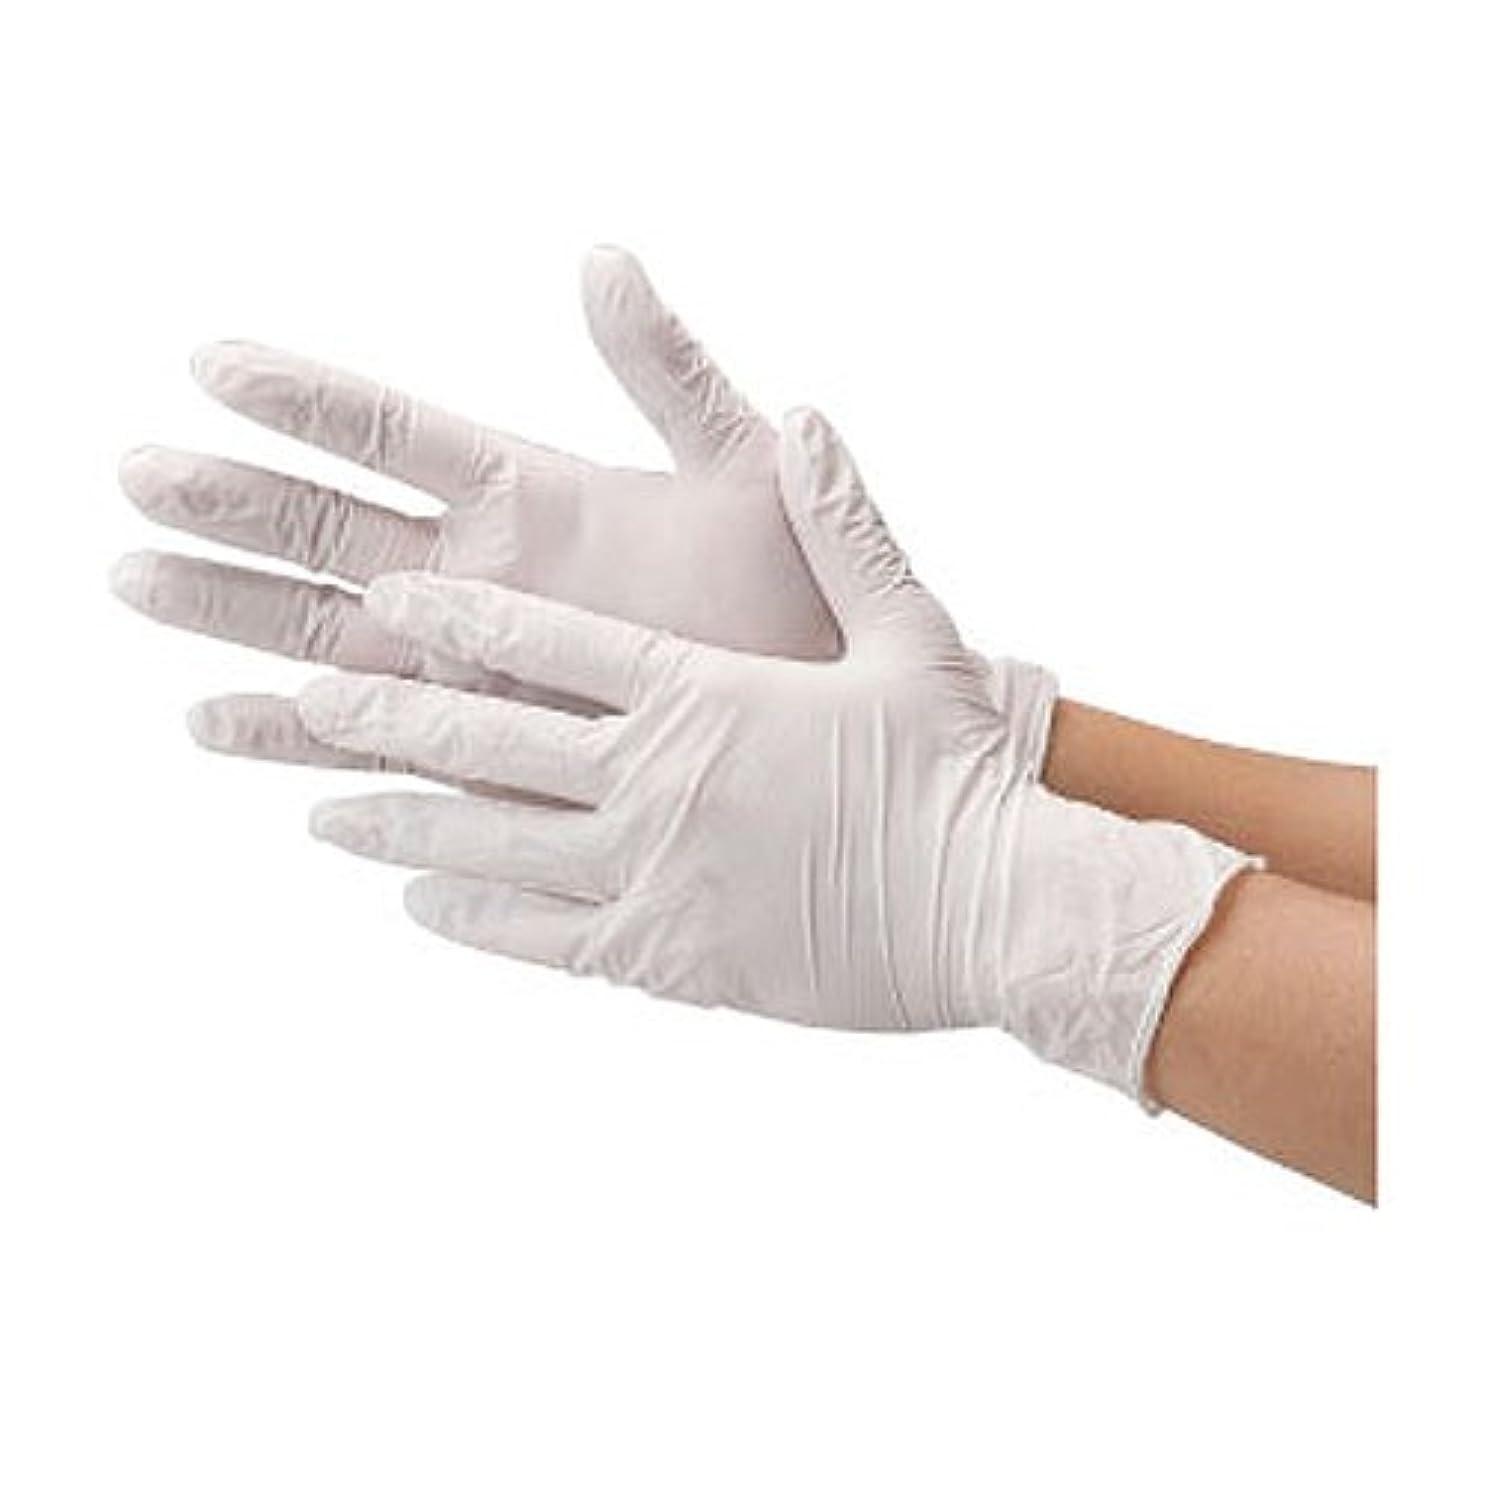 ソース続ける移住する川西工業 ニトリル 使いきり手袋 ストロング 粉無 100枚入り 2037 ホワイトL